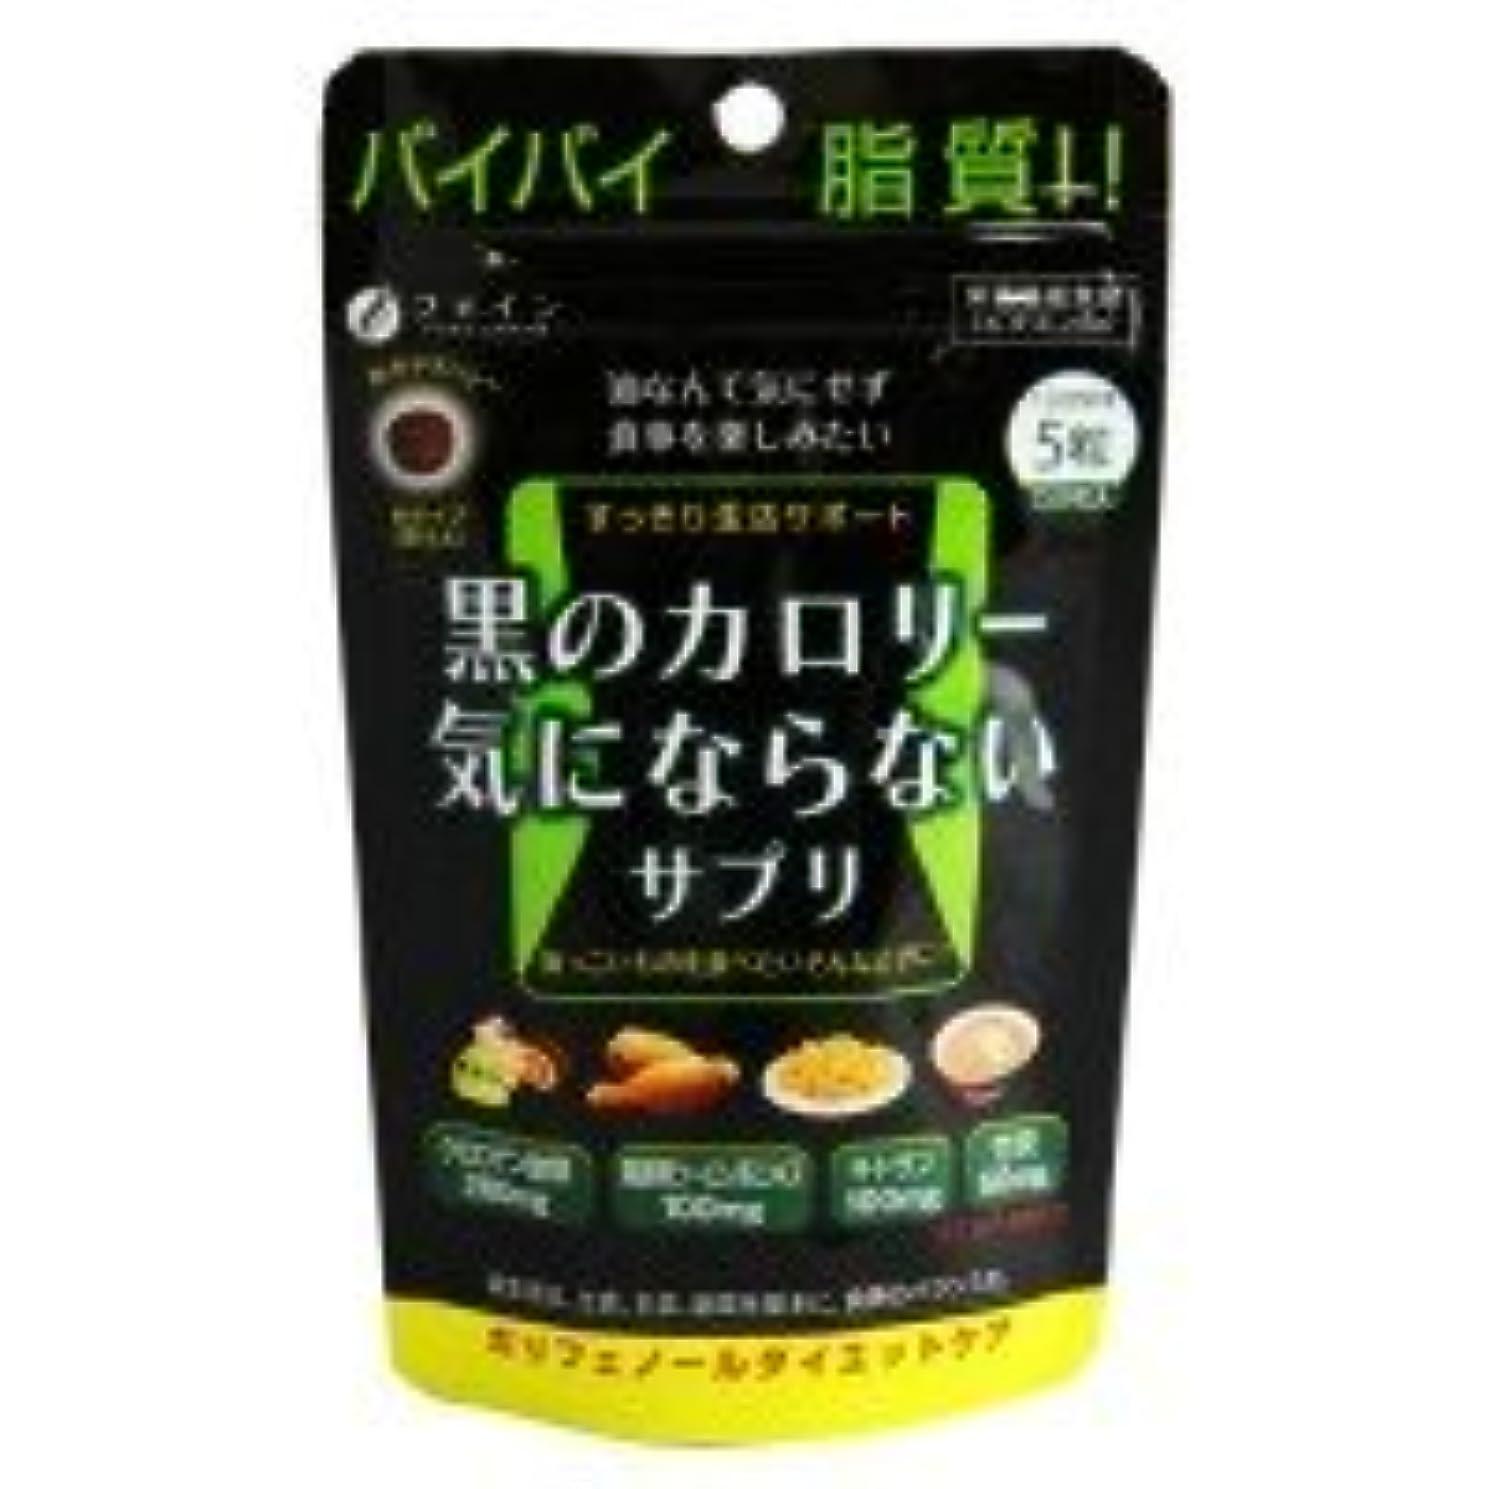 放棄テンション仮定、想定。推測ファイン 黒のカロリー気にならない 栄養機能食品(ビタミンB6) 30g(200mg×150粒)